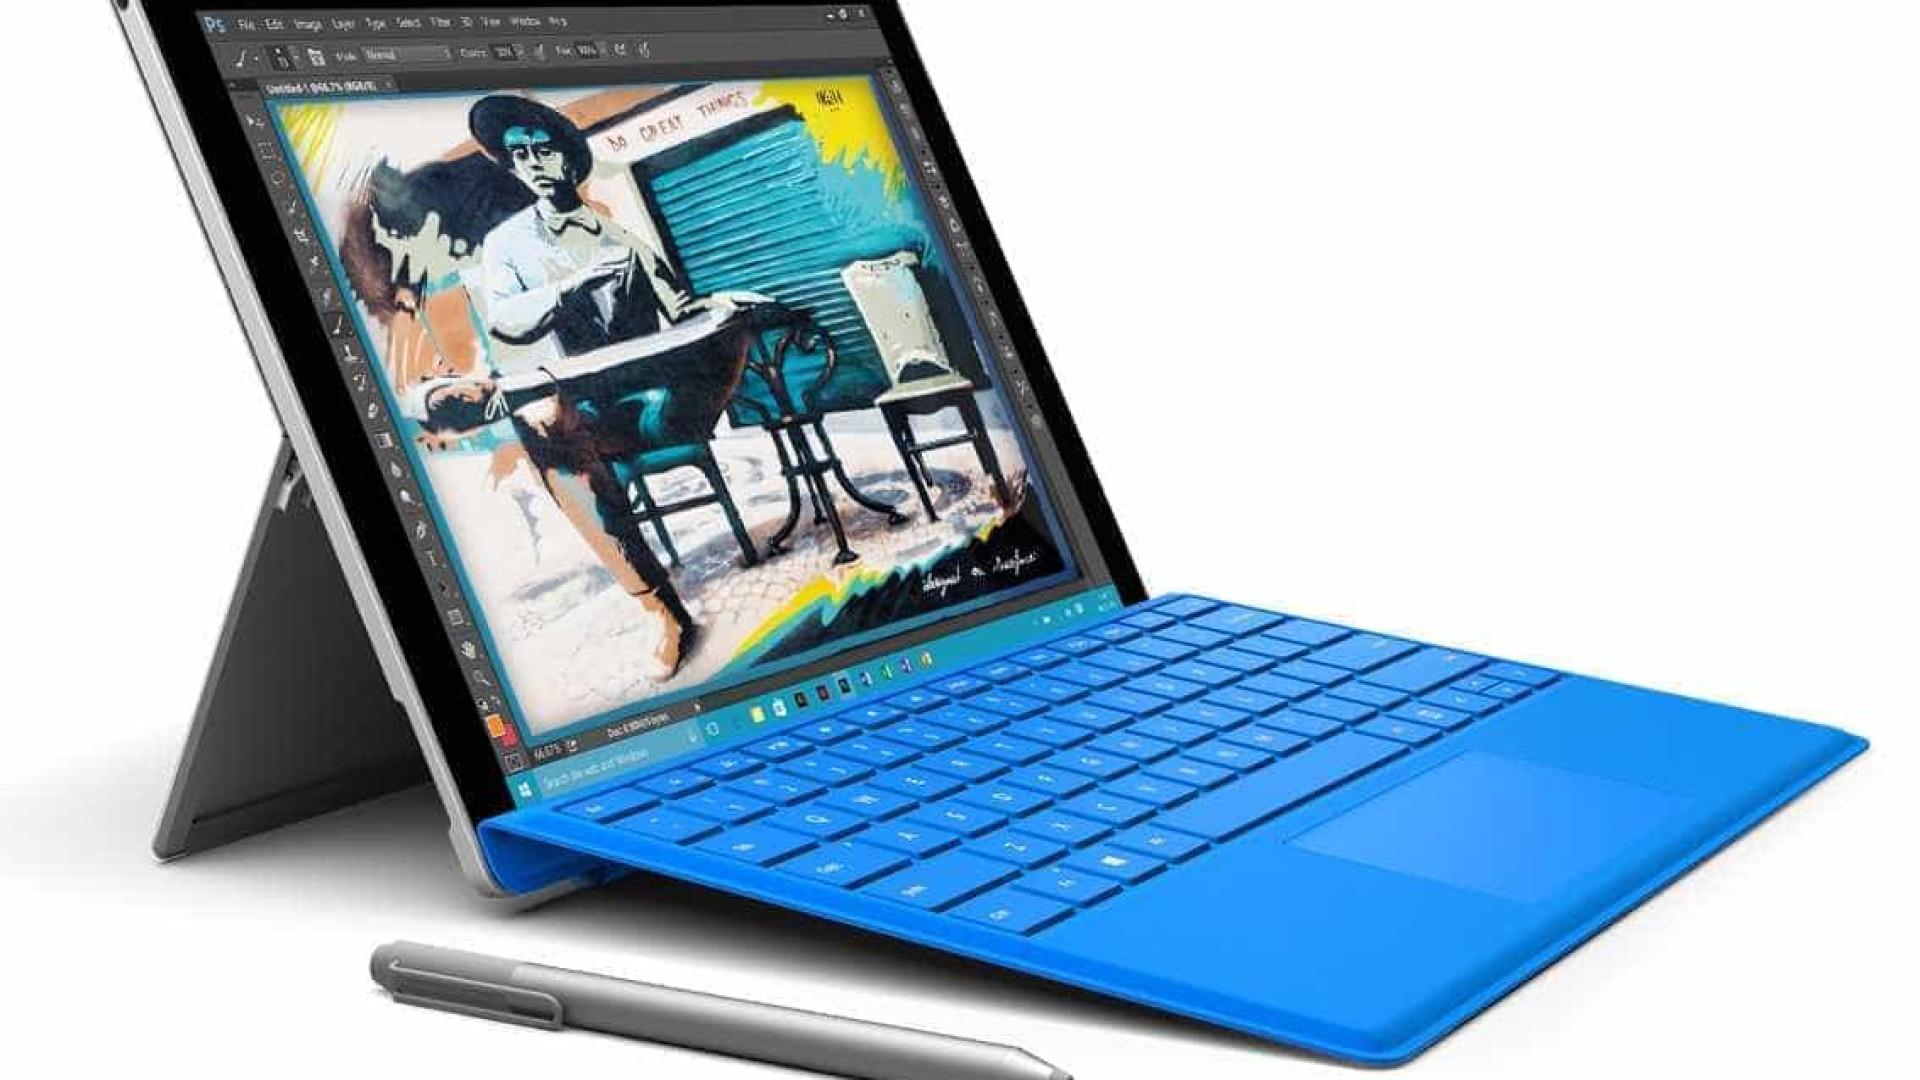 Problemas de ecrã no Surface Pro 4 dá direito a substituição